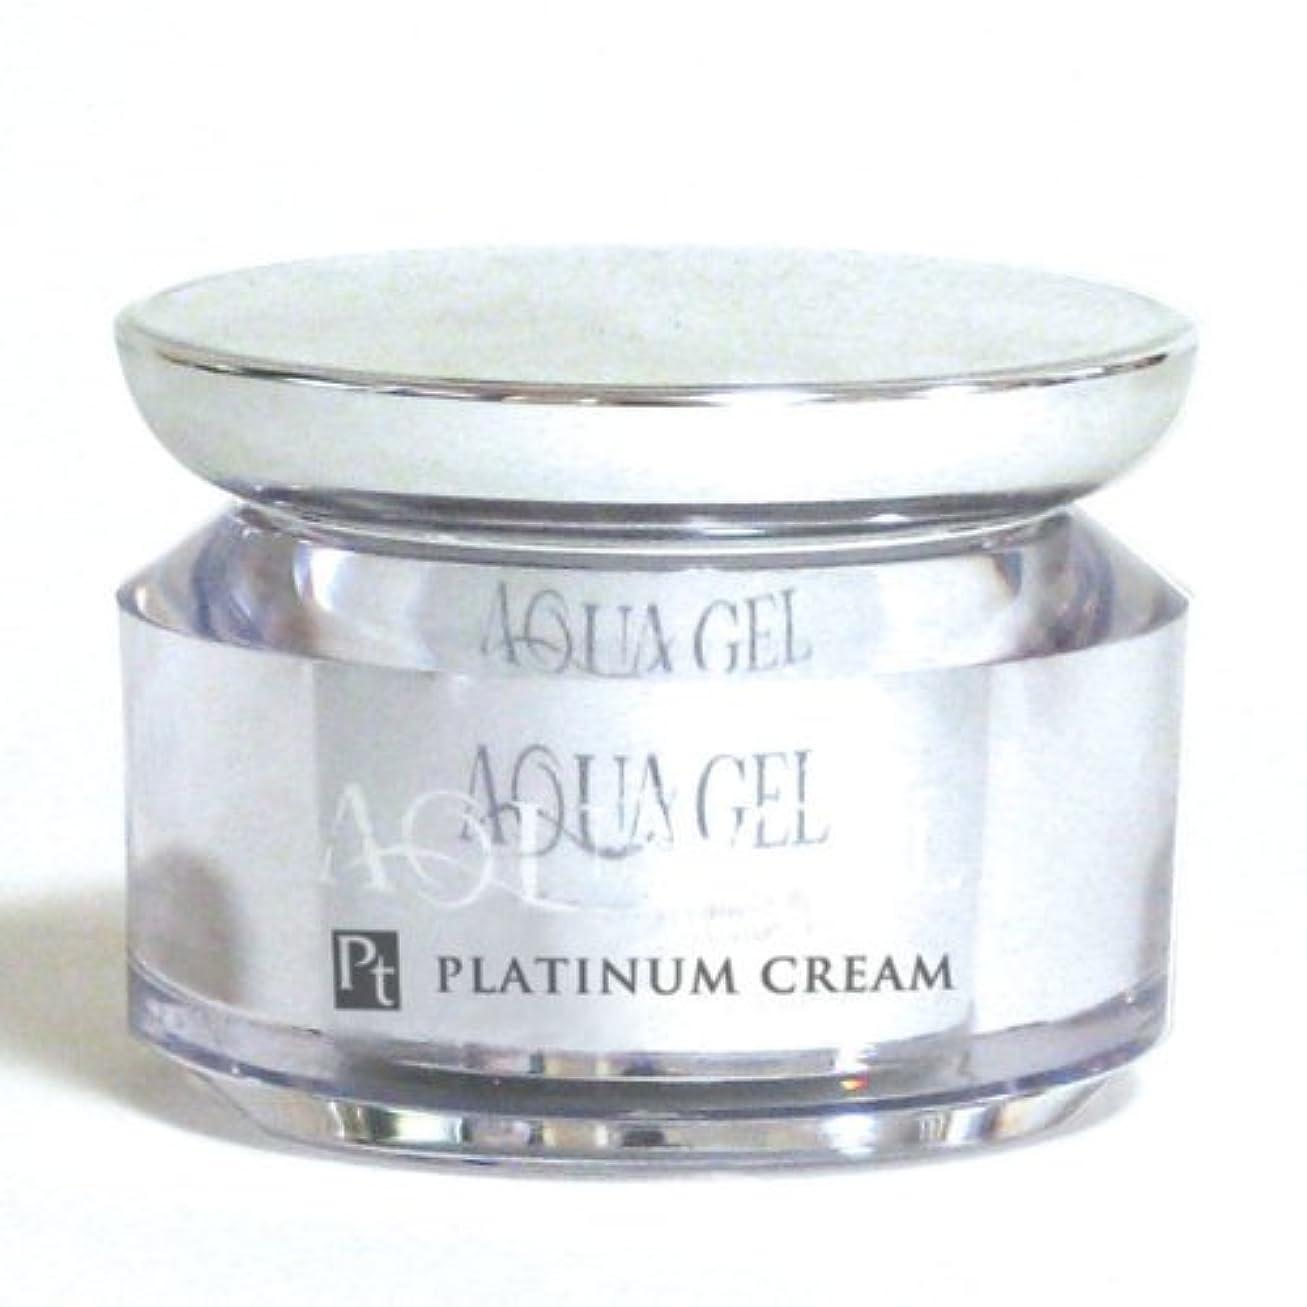 色メロディー葉巻アクアゲルPTコロイドクリーム 45g